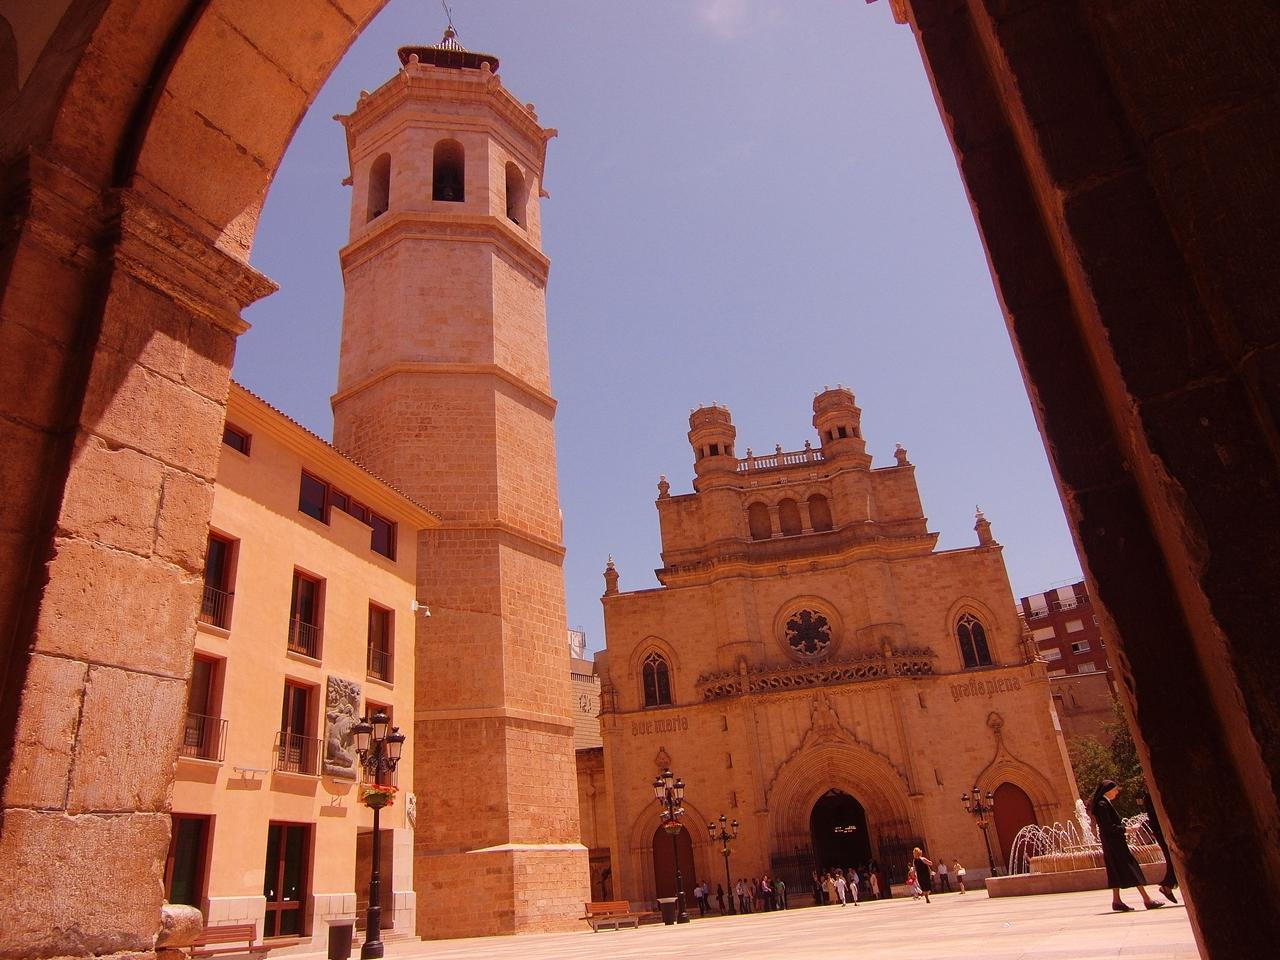 Concatedral de Santa María y la torre campanario El Fadrí. Autor, Joan Pau Inarejos